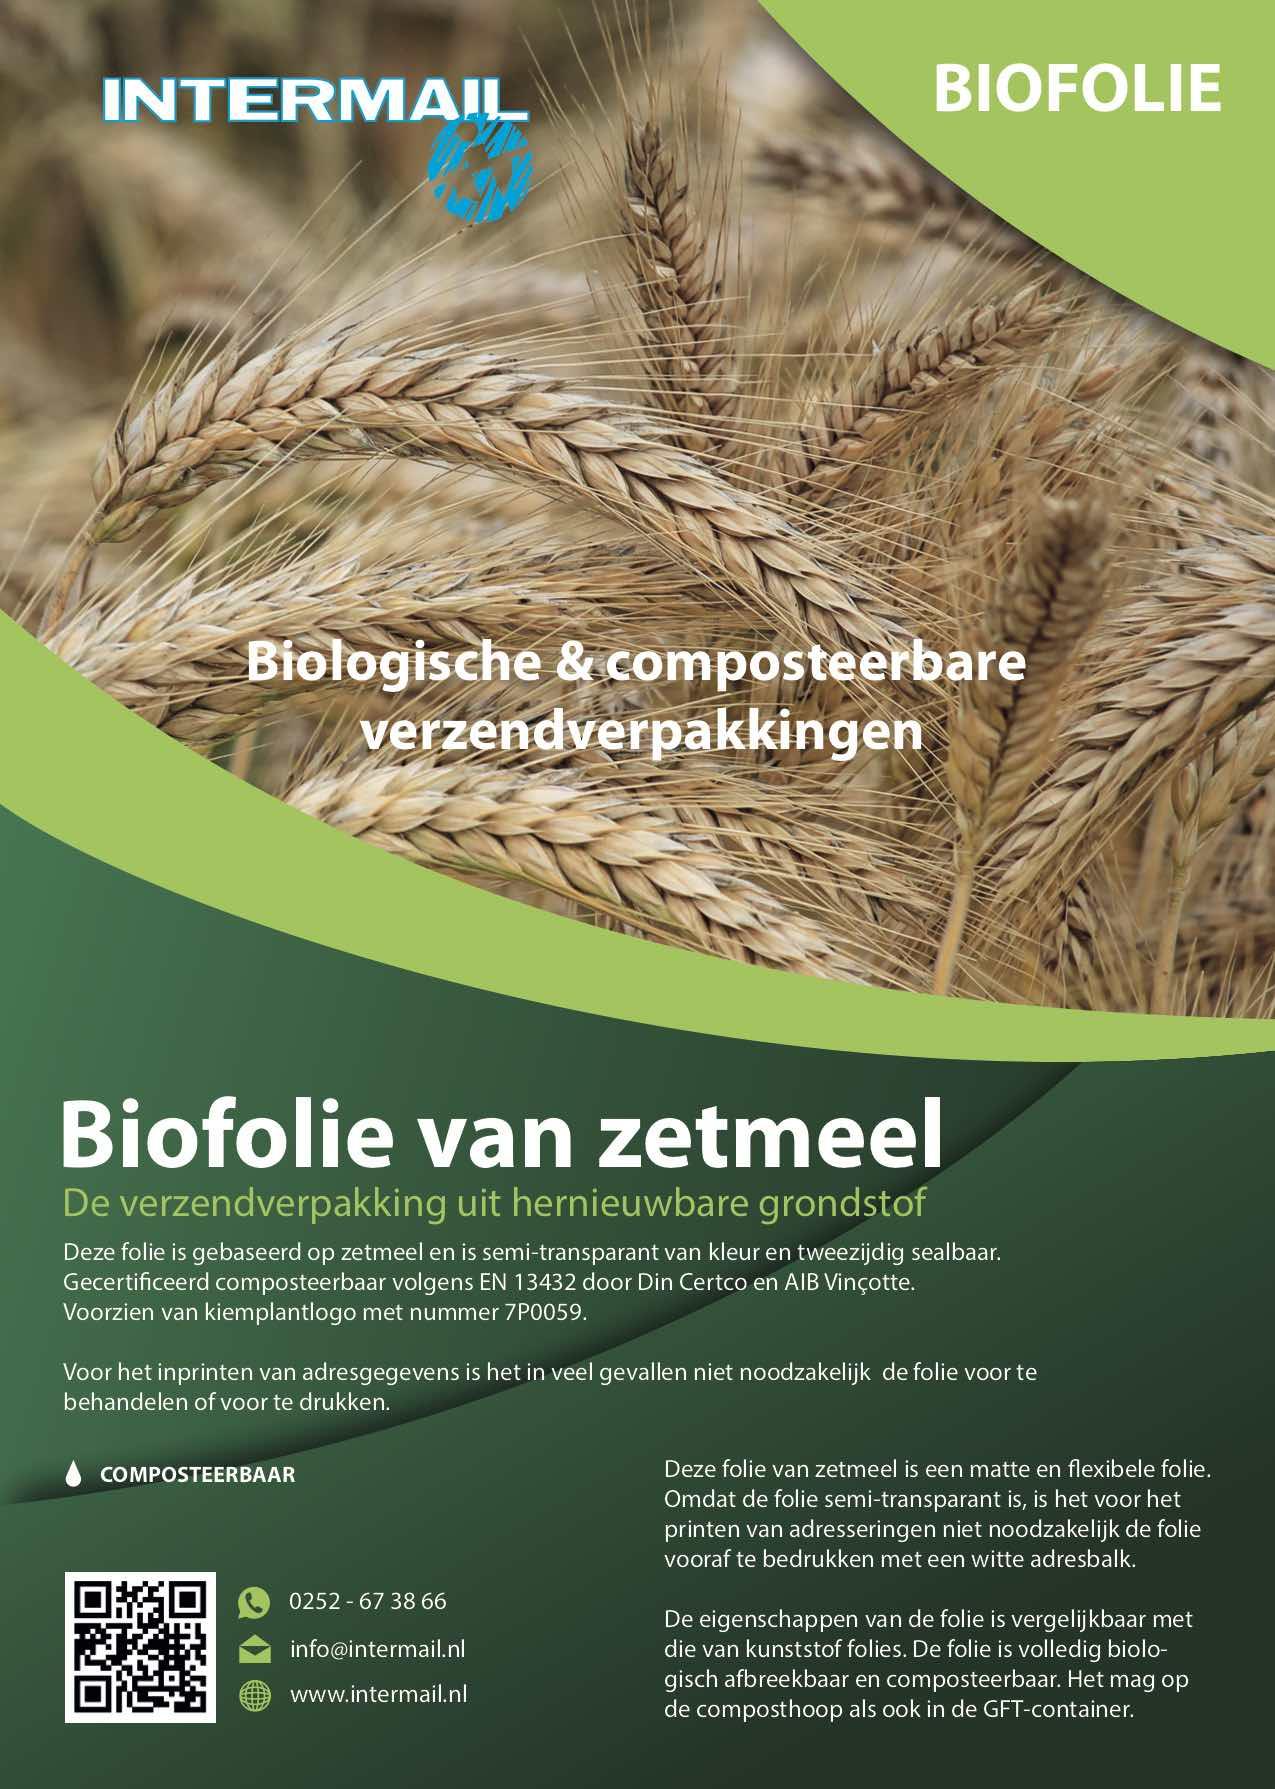 Biofolie van zetmeel | Intermail BV